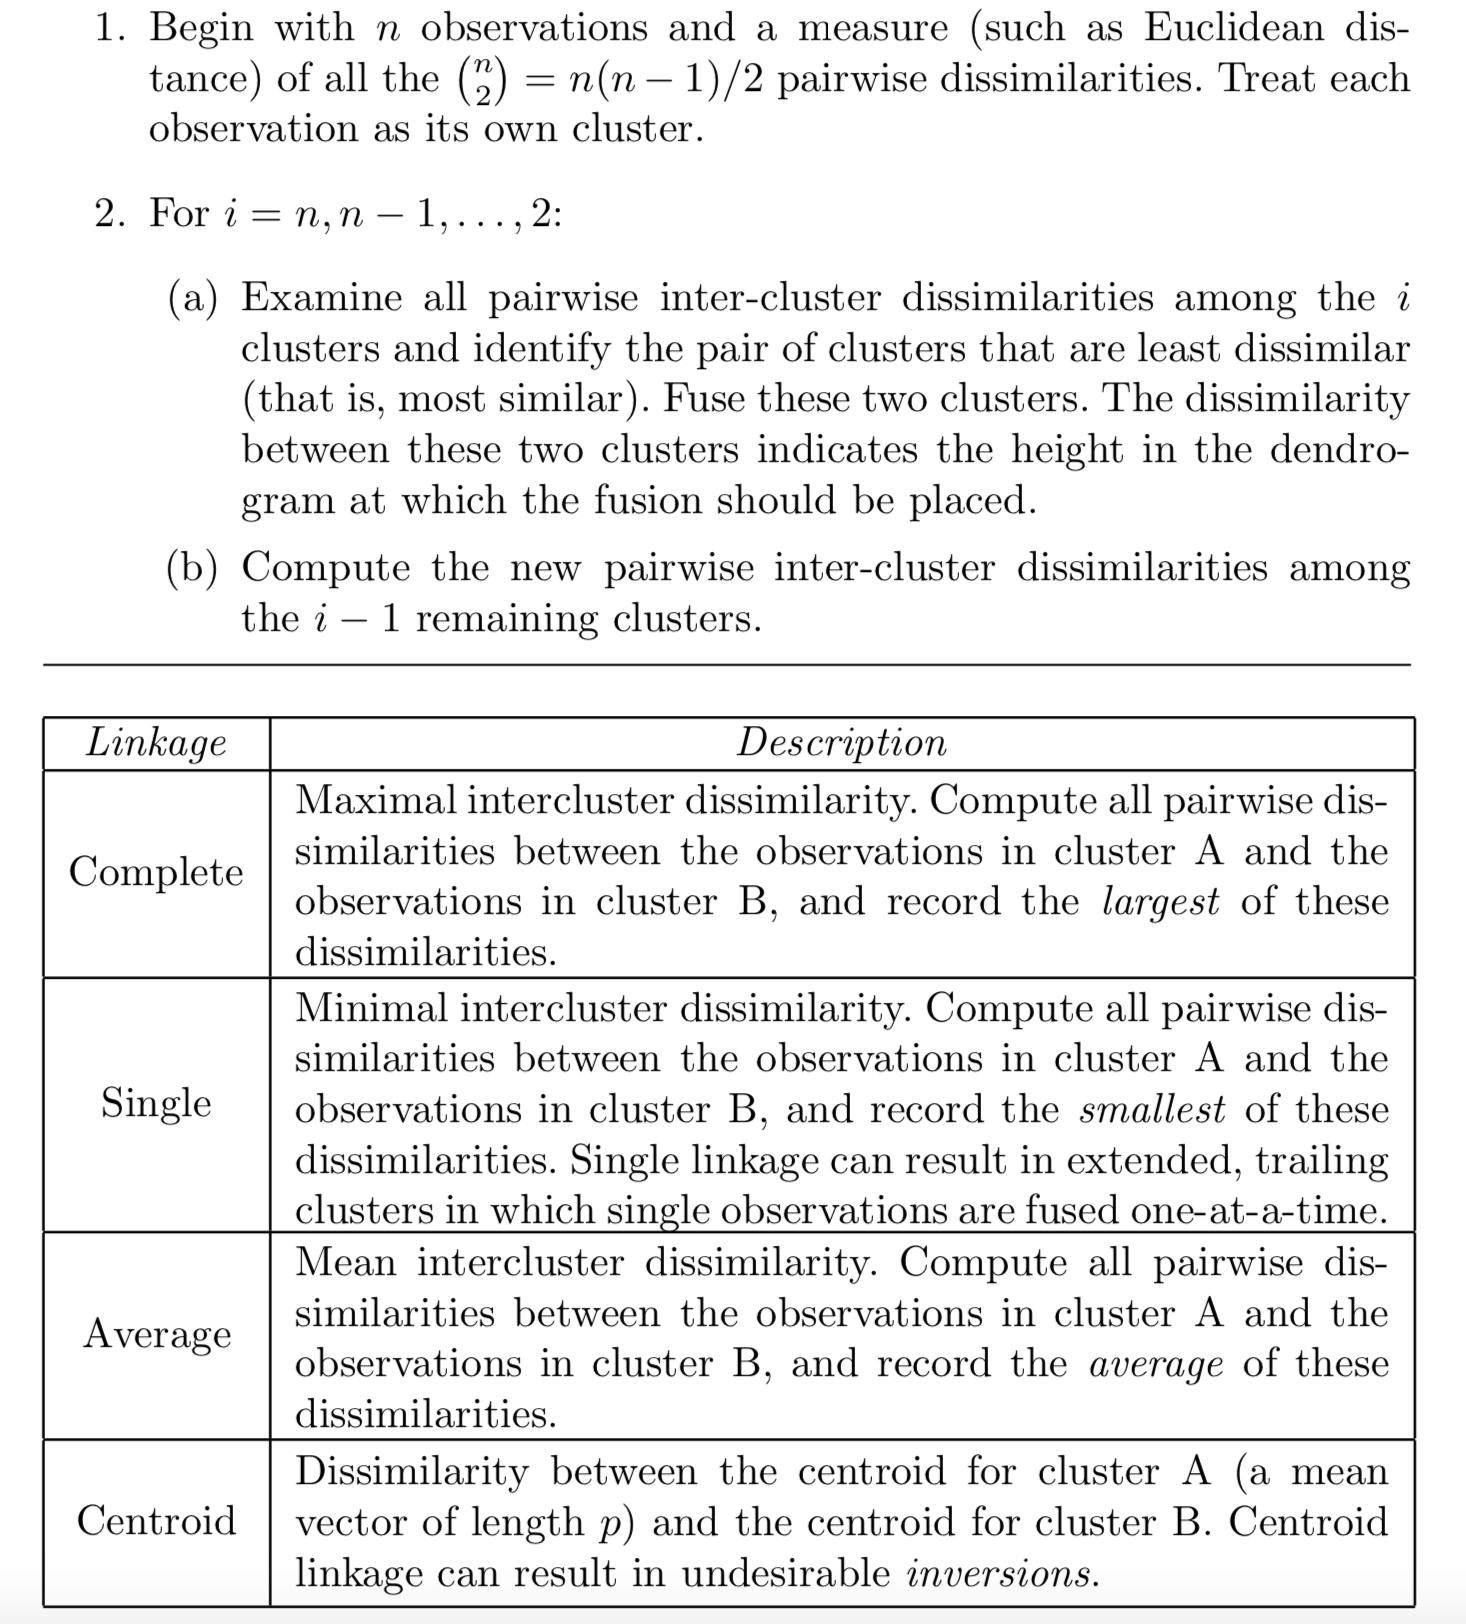 DataVis_and_clustering/hclust_algorithm.png